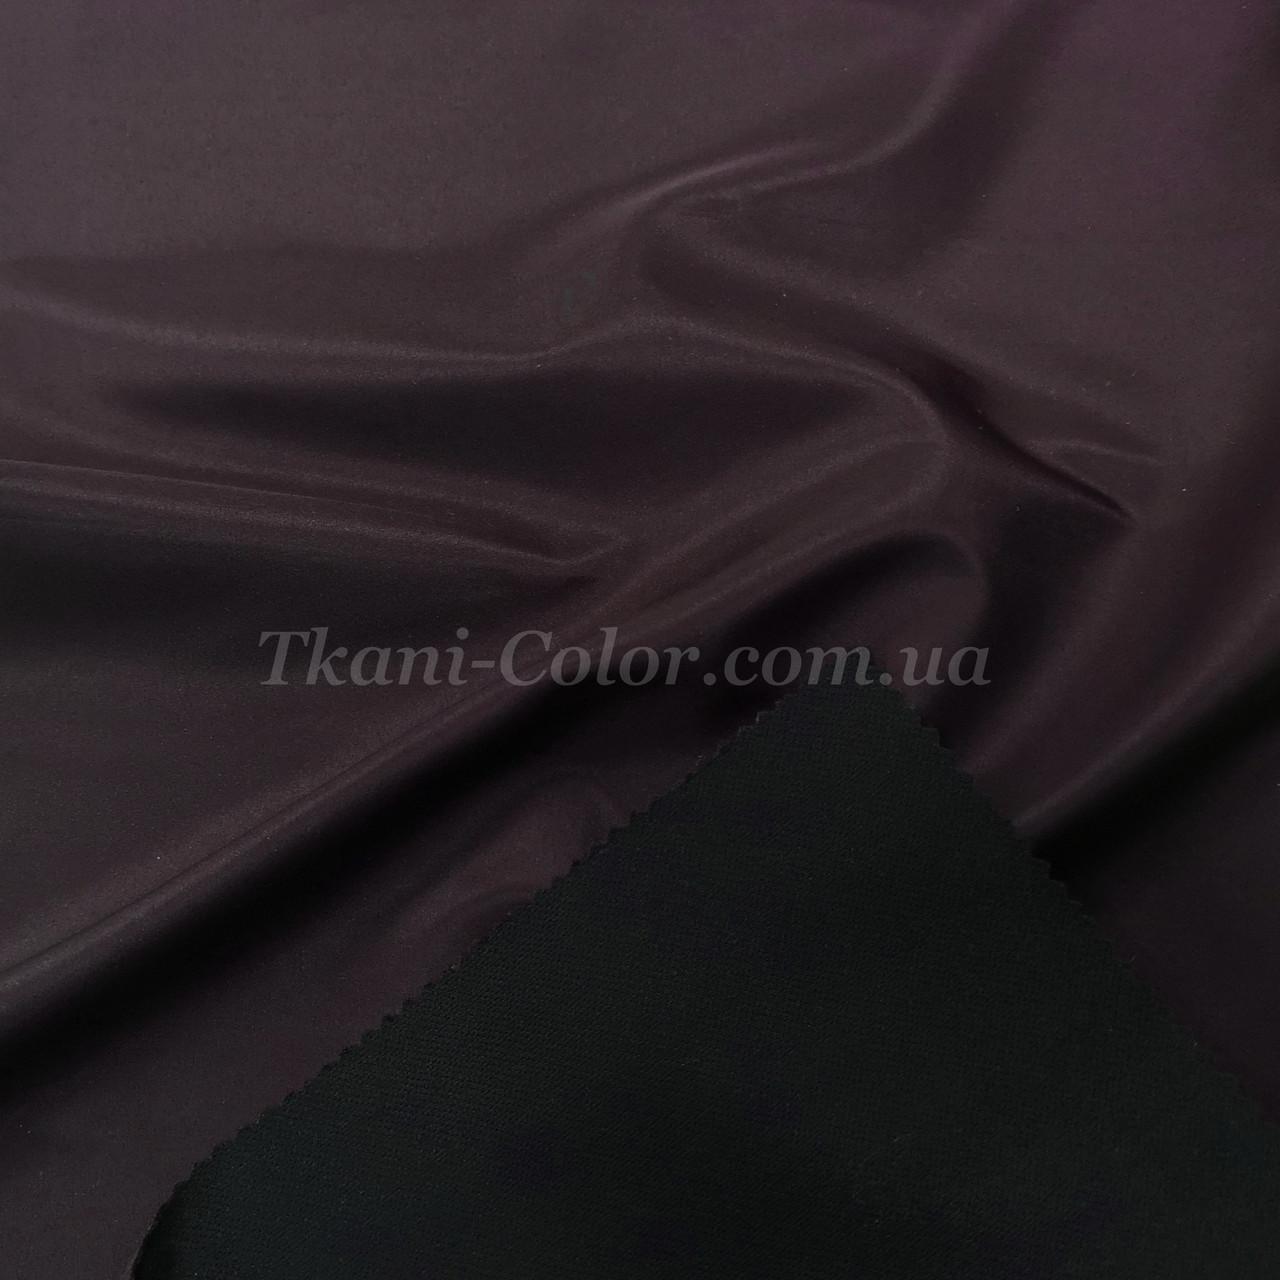 Тканина плащівка на основі президент баклажановий